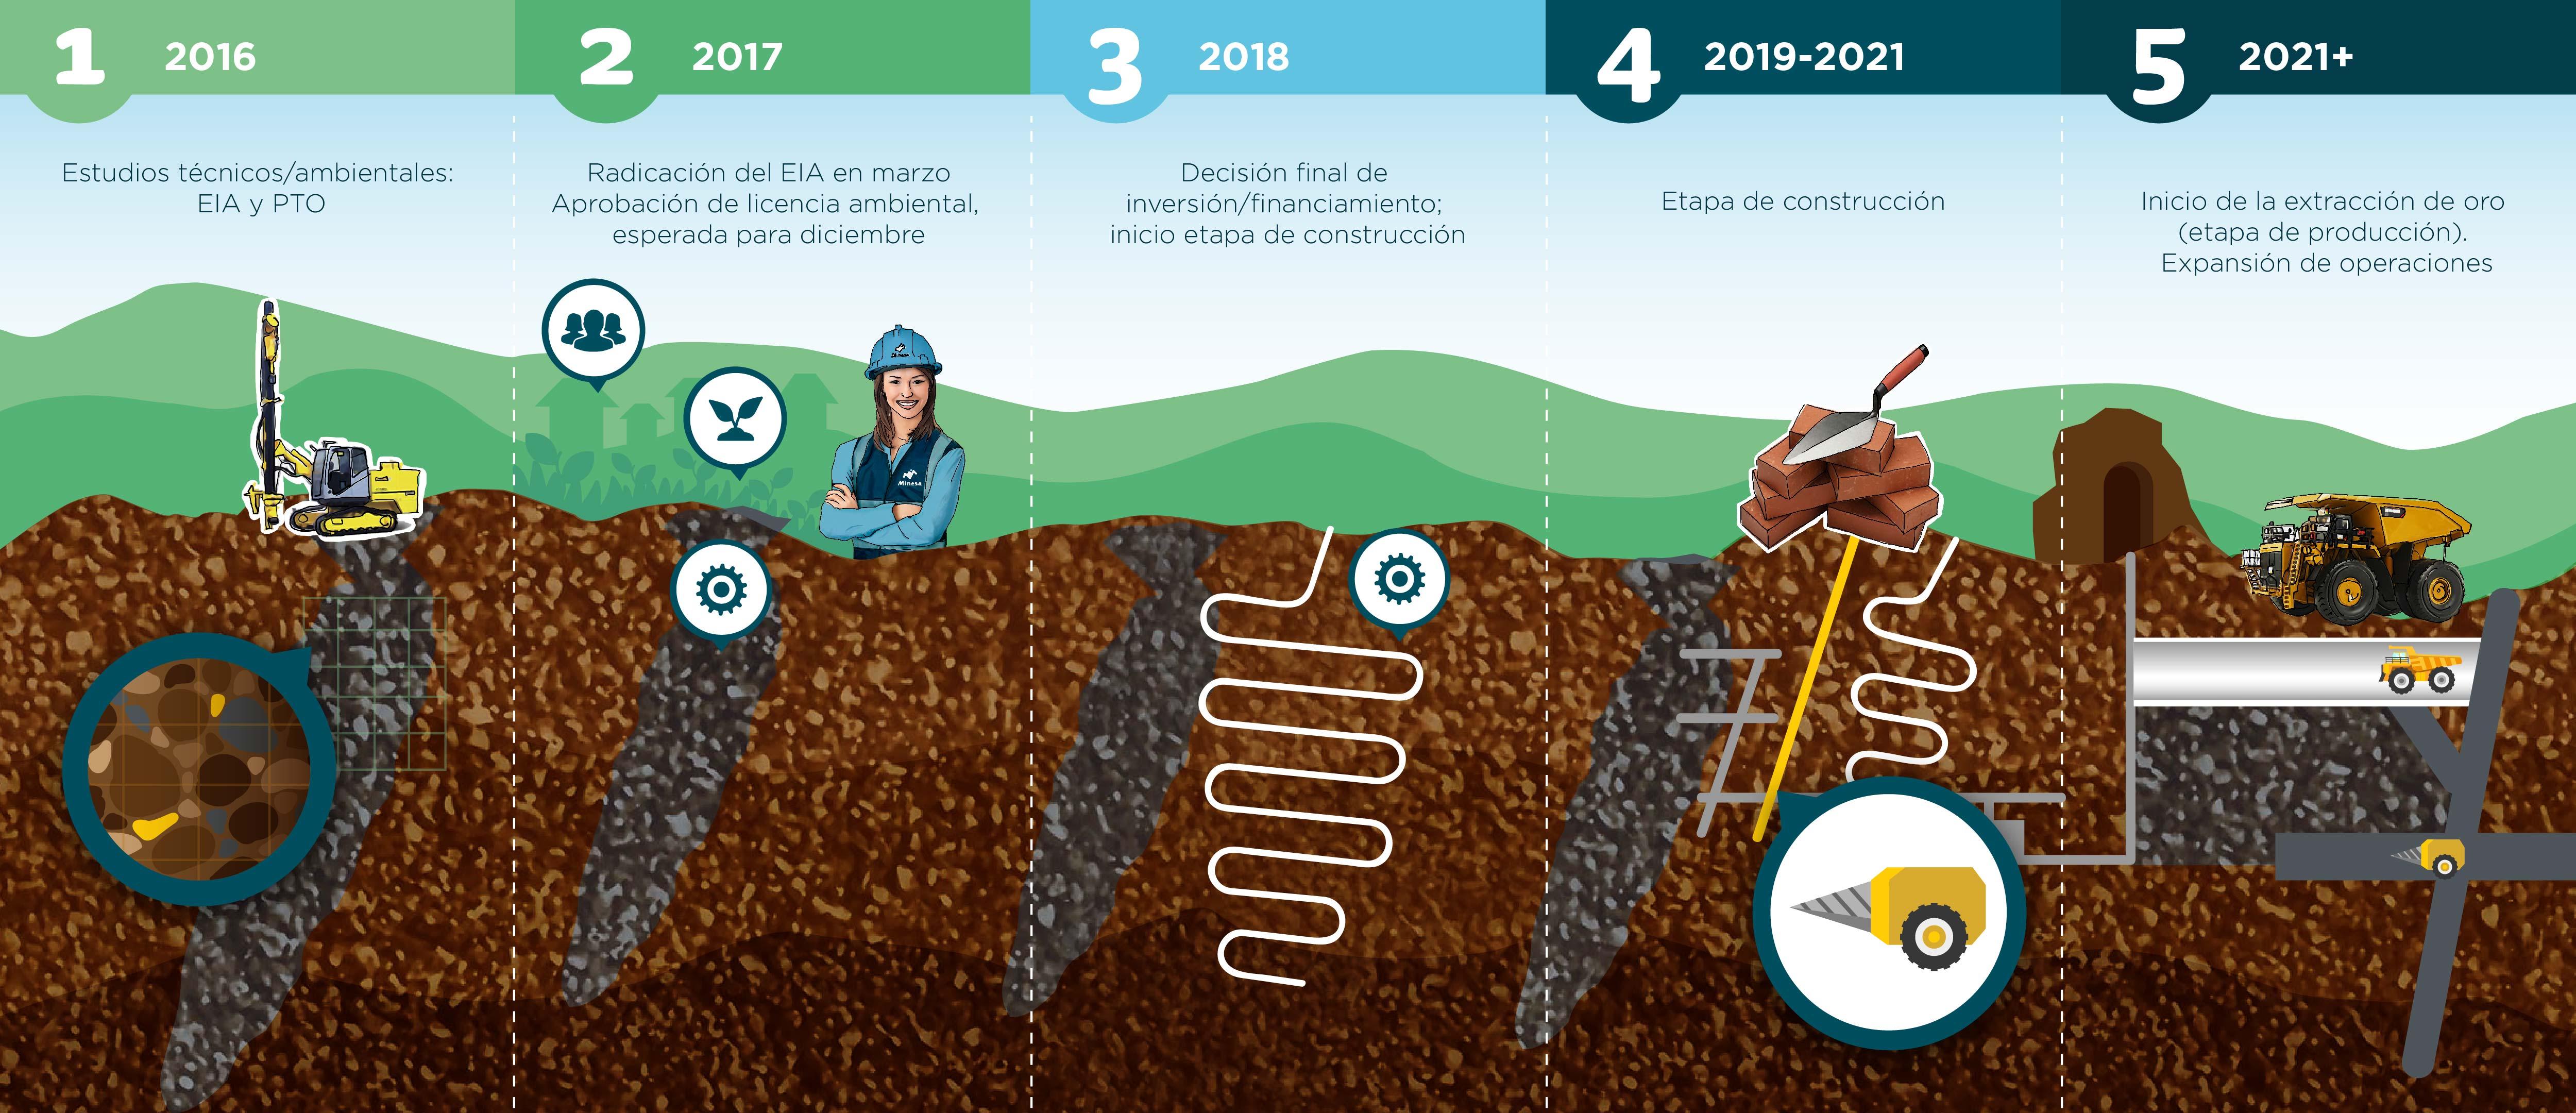 Se informa sobre los procesos desde el 2016 hasta el 2021